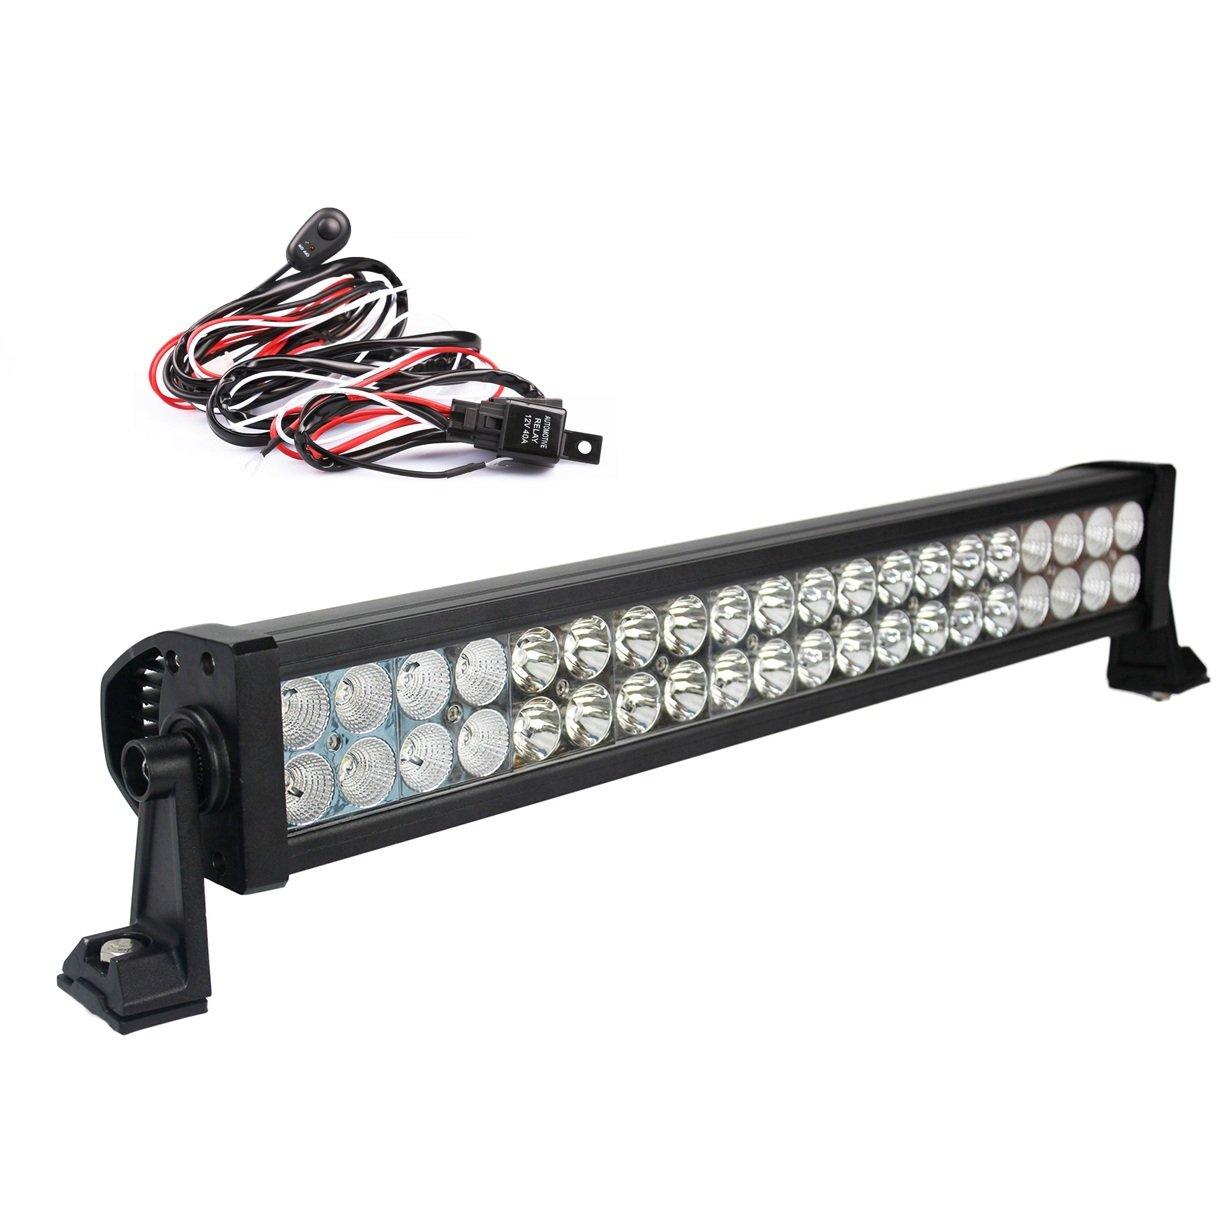 120W//180W//240W//300W LED barra de luz trabajo Spot Flood Combo FOCO 12V 24V Light Bar veh/ículos todoterreno coche cami/ón ATV 120